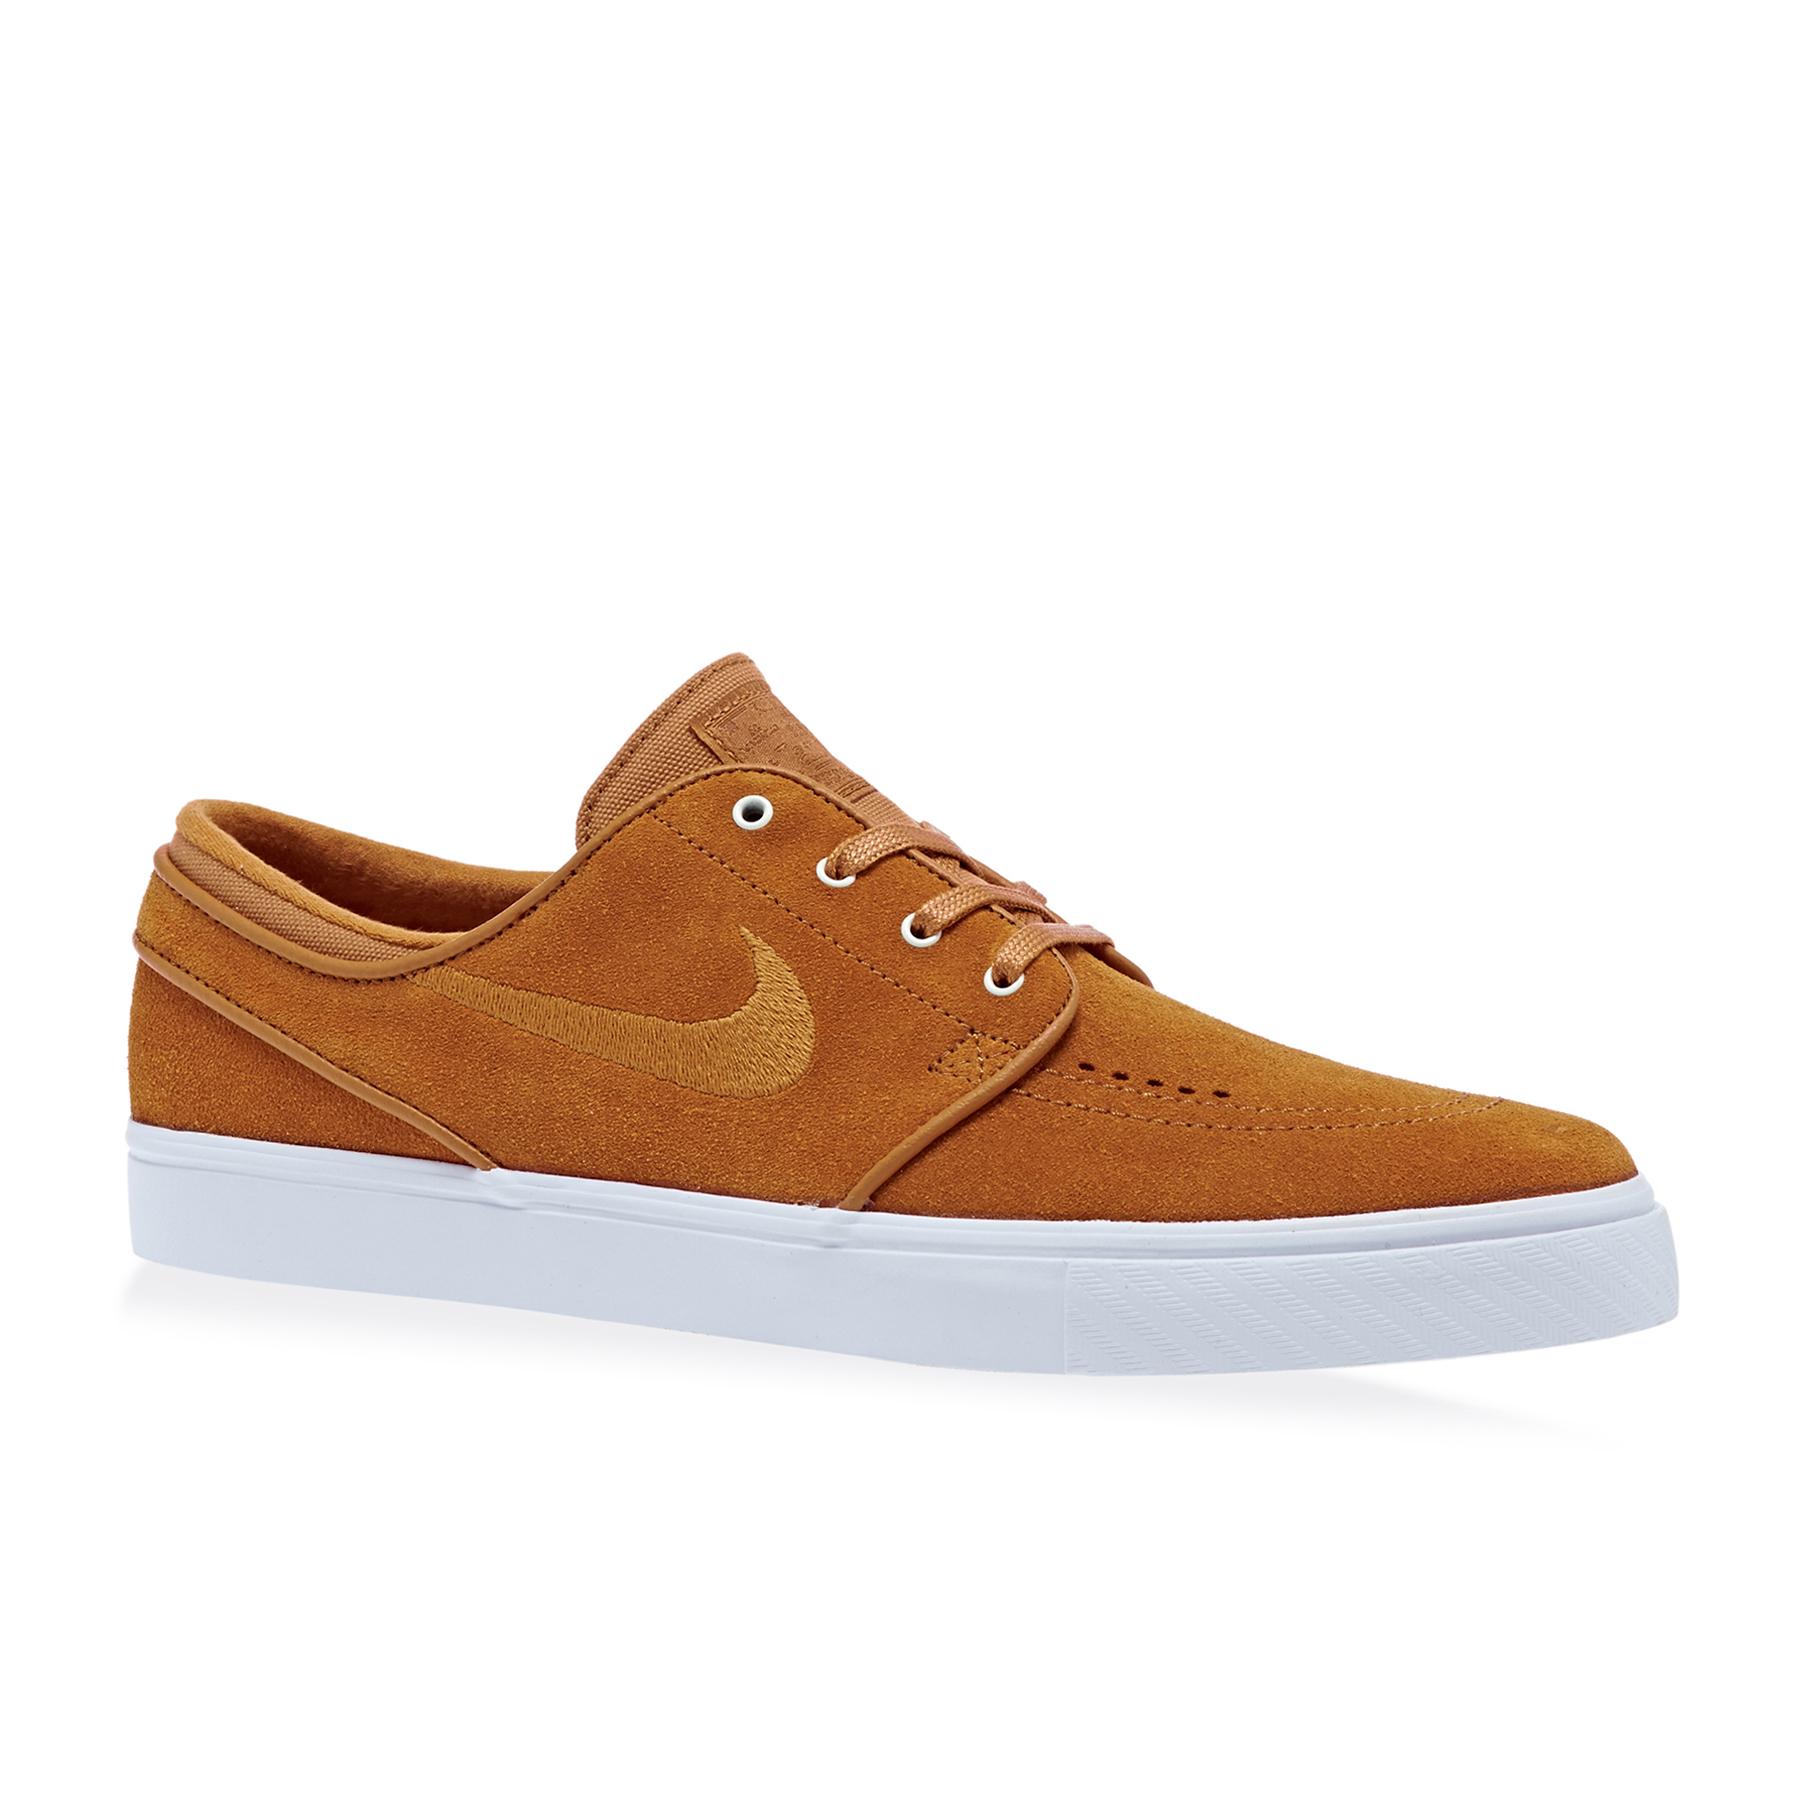 Chaussures Nike SB Zoom Stefan Janoski | Livraison gratuite